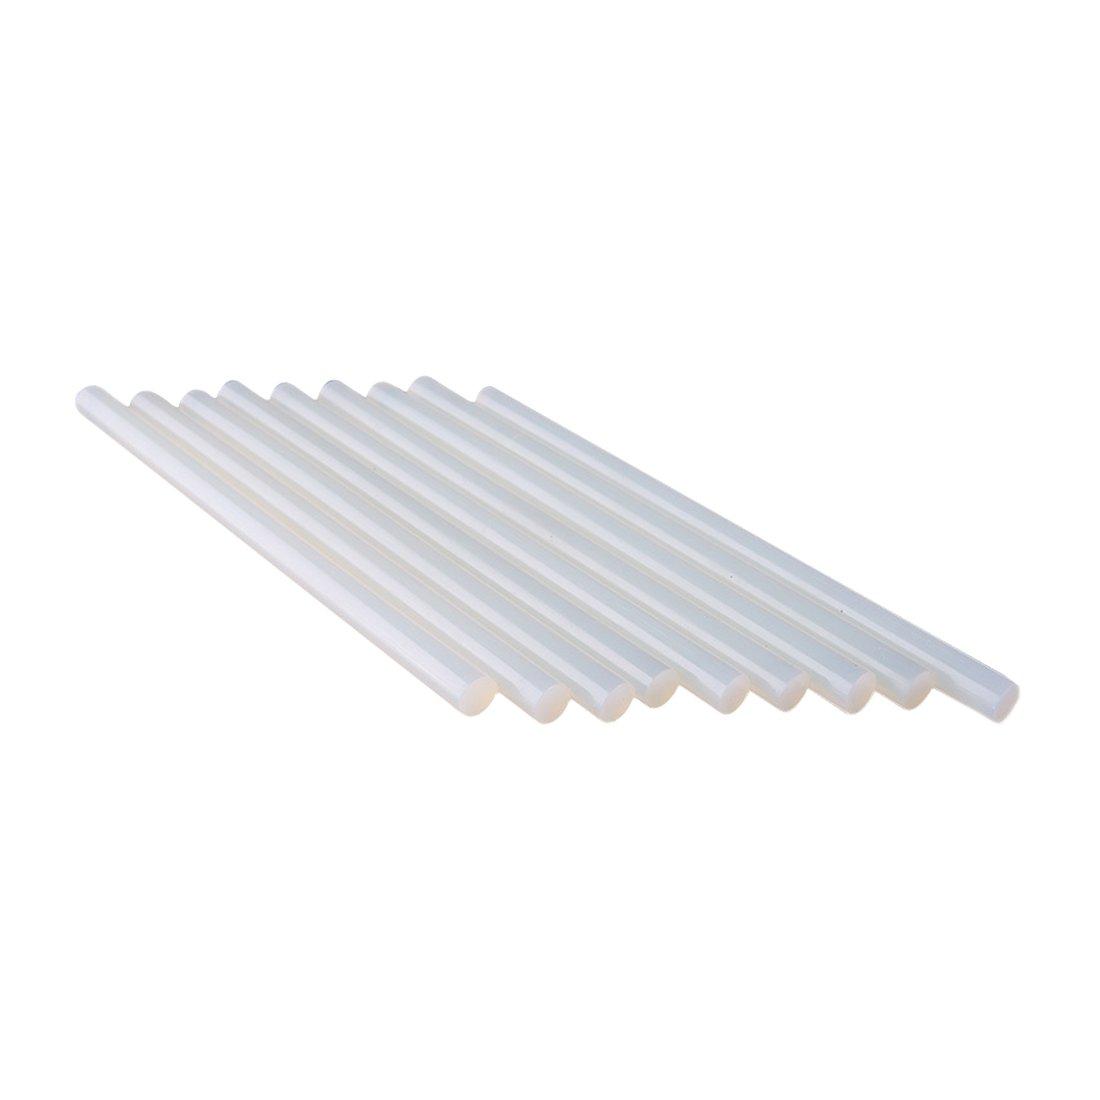 10 Pcs 11mm * 190mm Chaude Adhésif Blanc Melt Colle Bâtons Pour Électronique Artisanat Album DIY Outils De Réparation